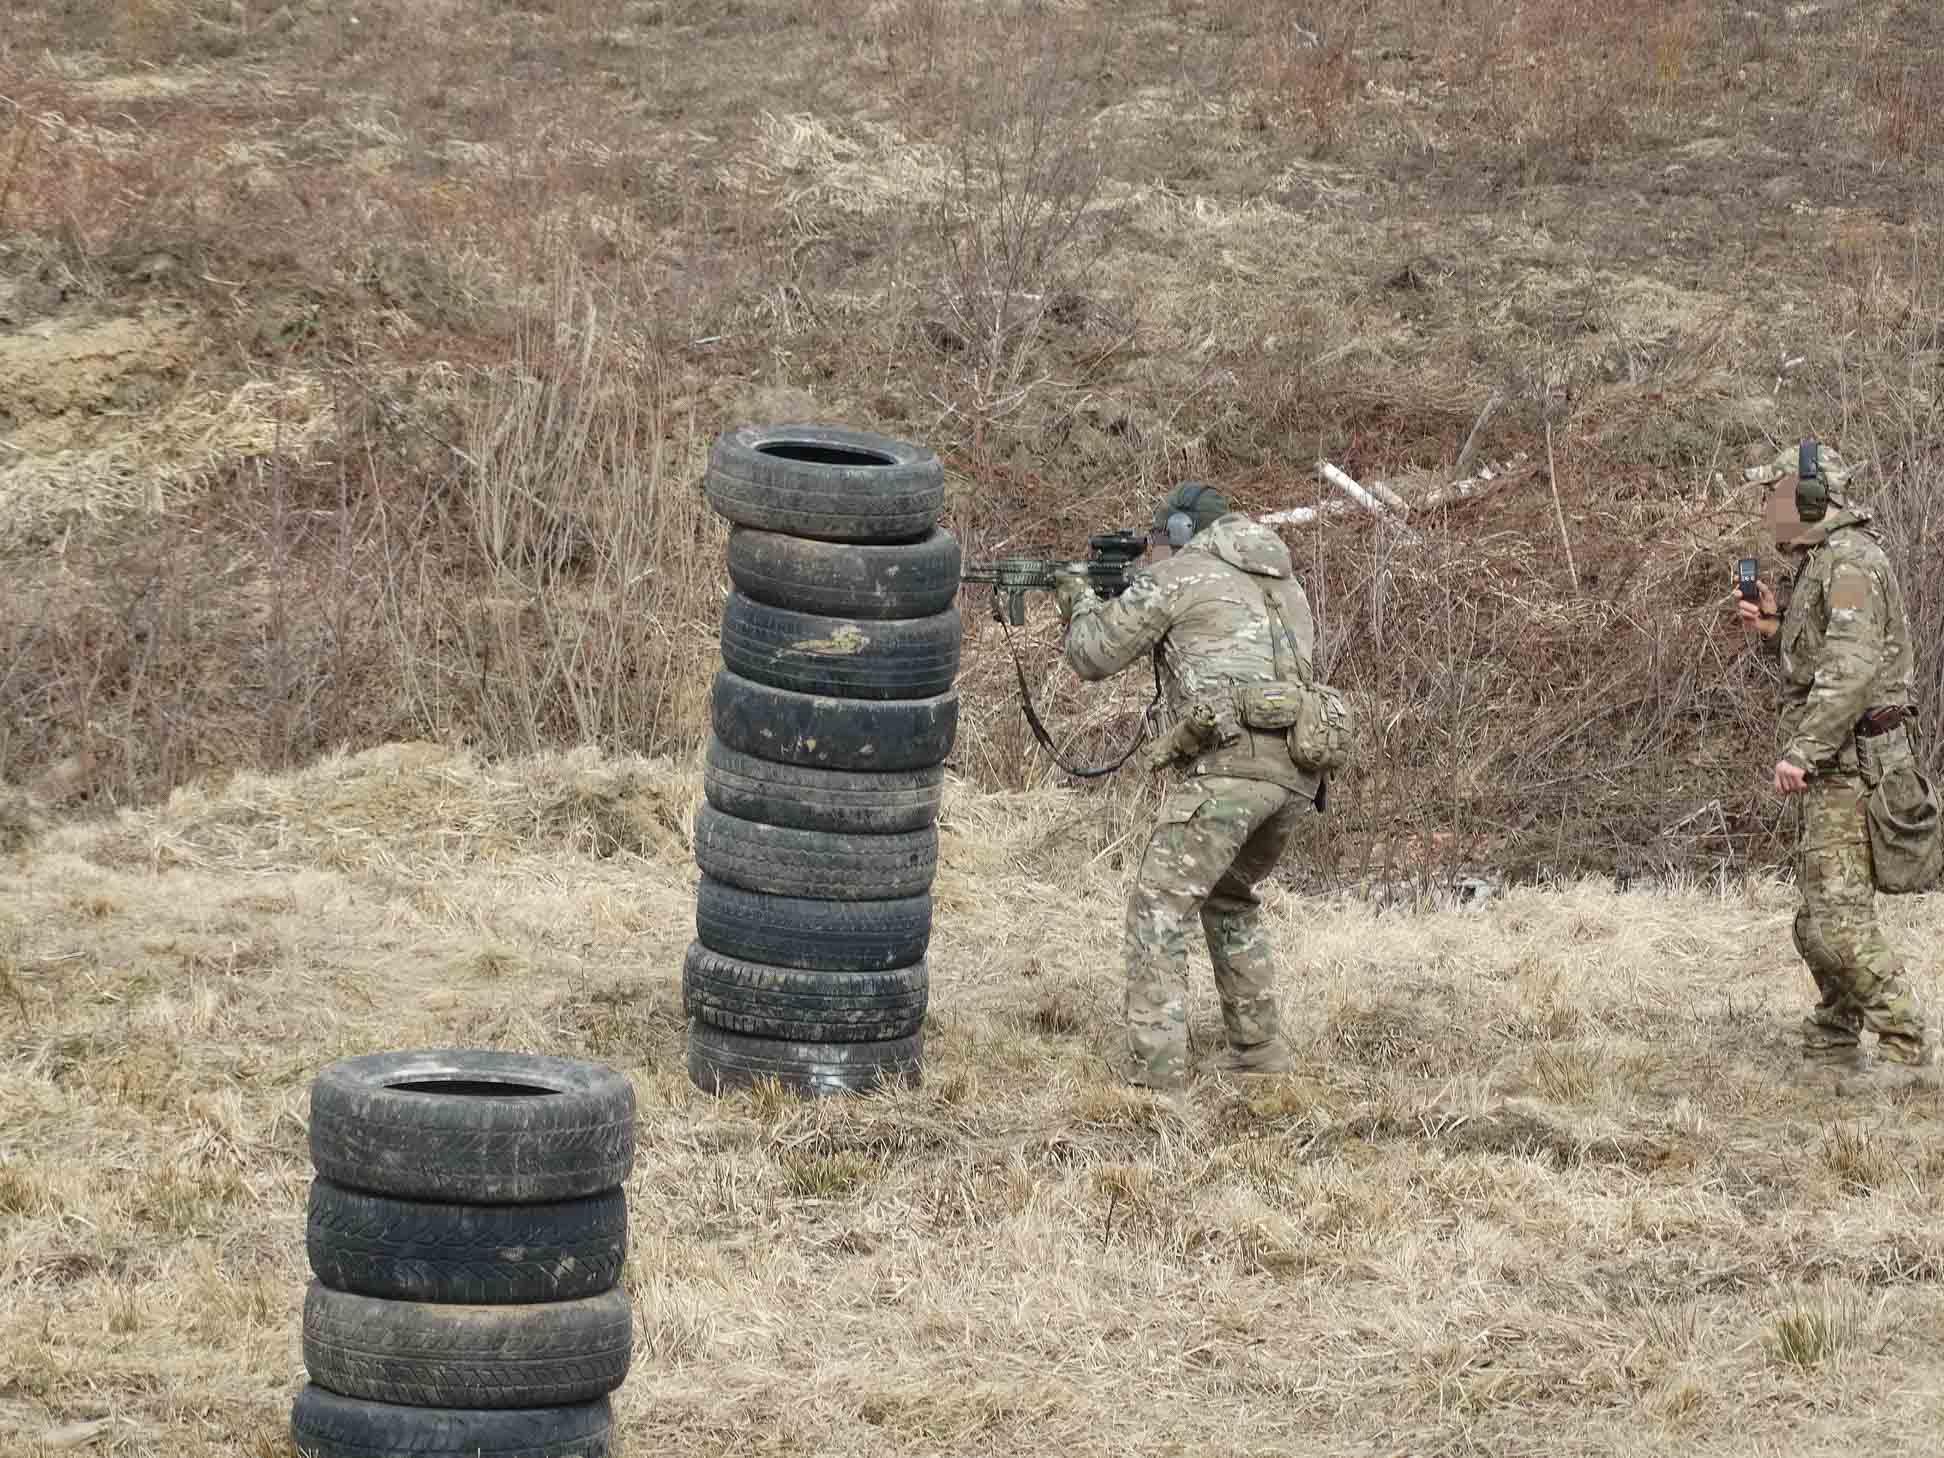 Бійці прикарпатської СБУ позмагалися у стрільбі (ФОТО)